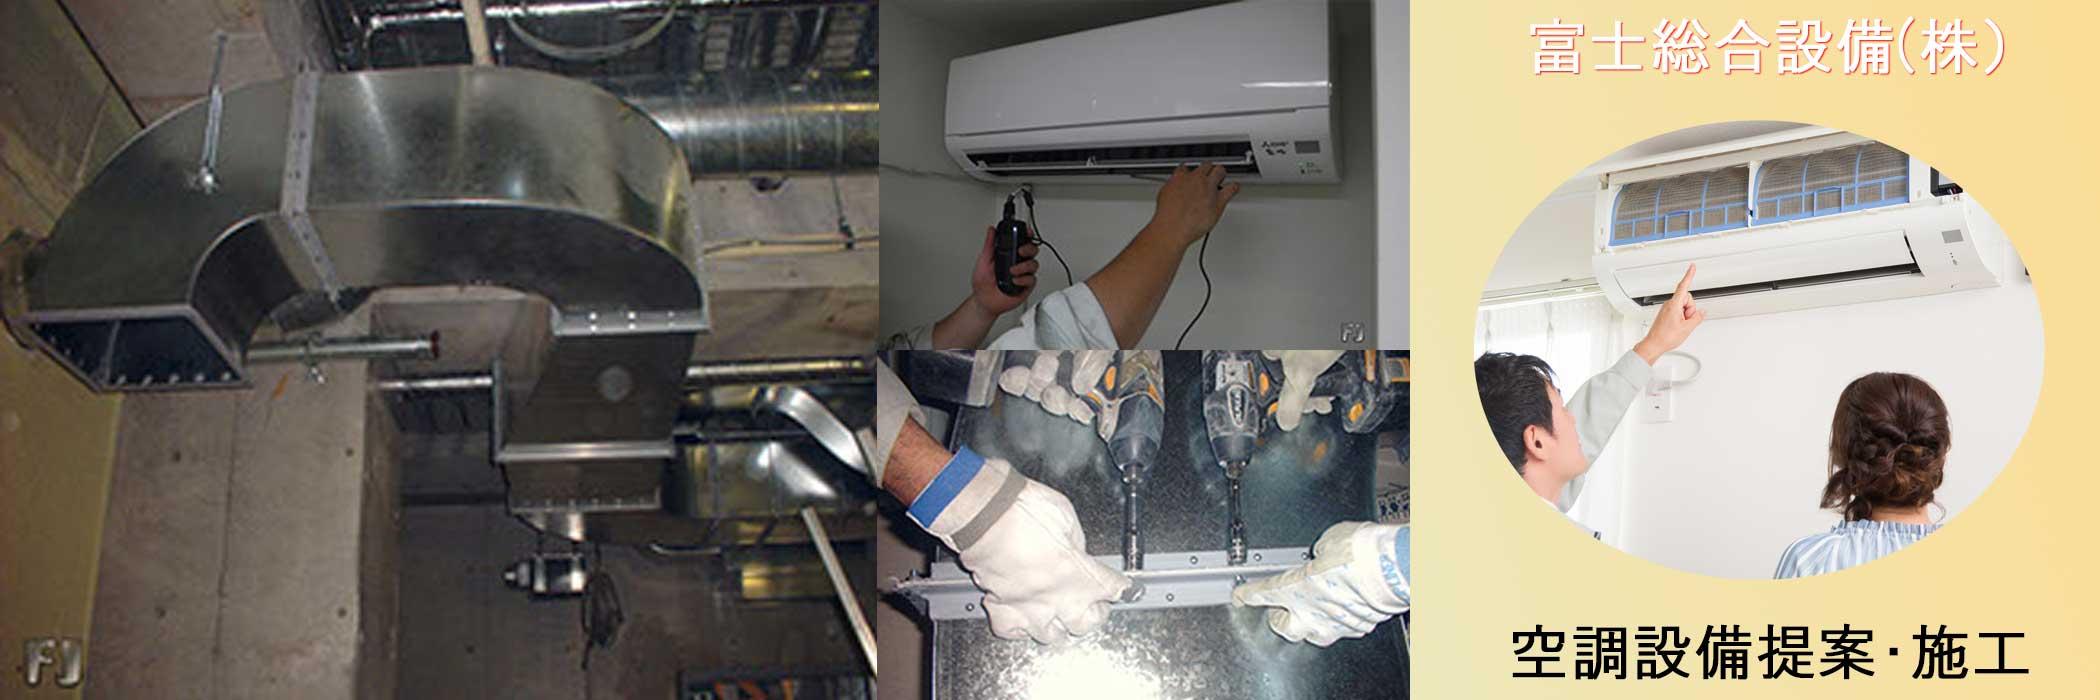 画像紹介:空調設備工事事業